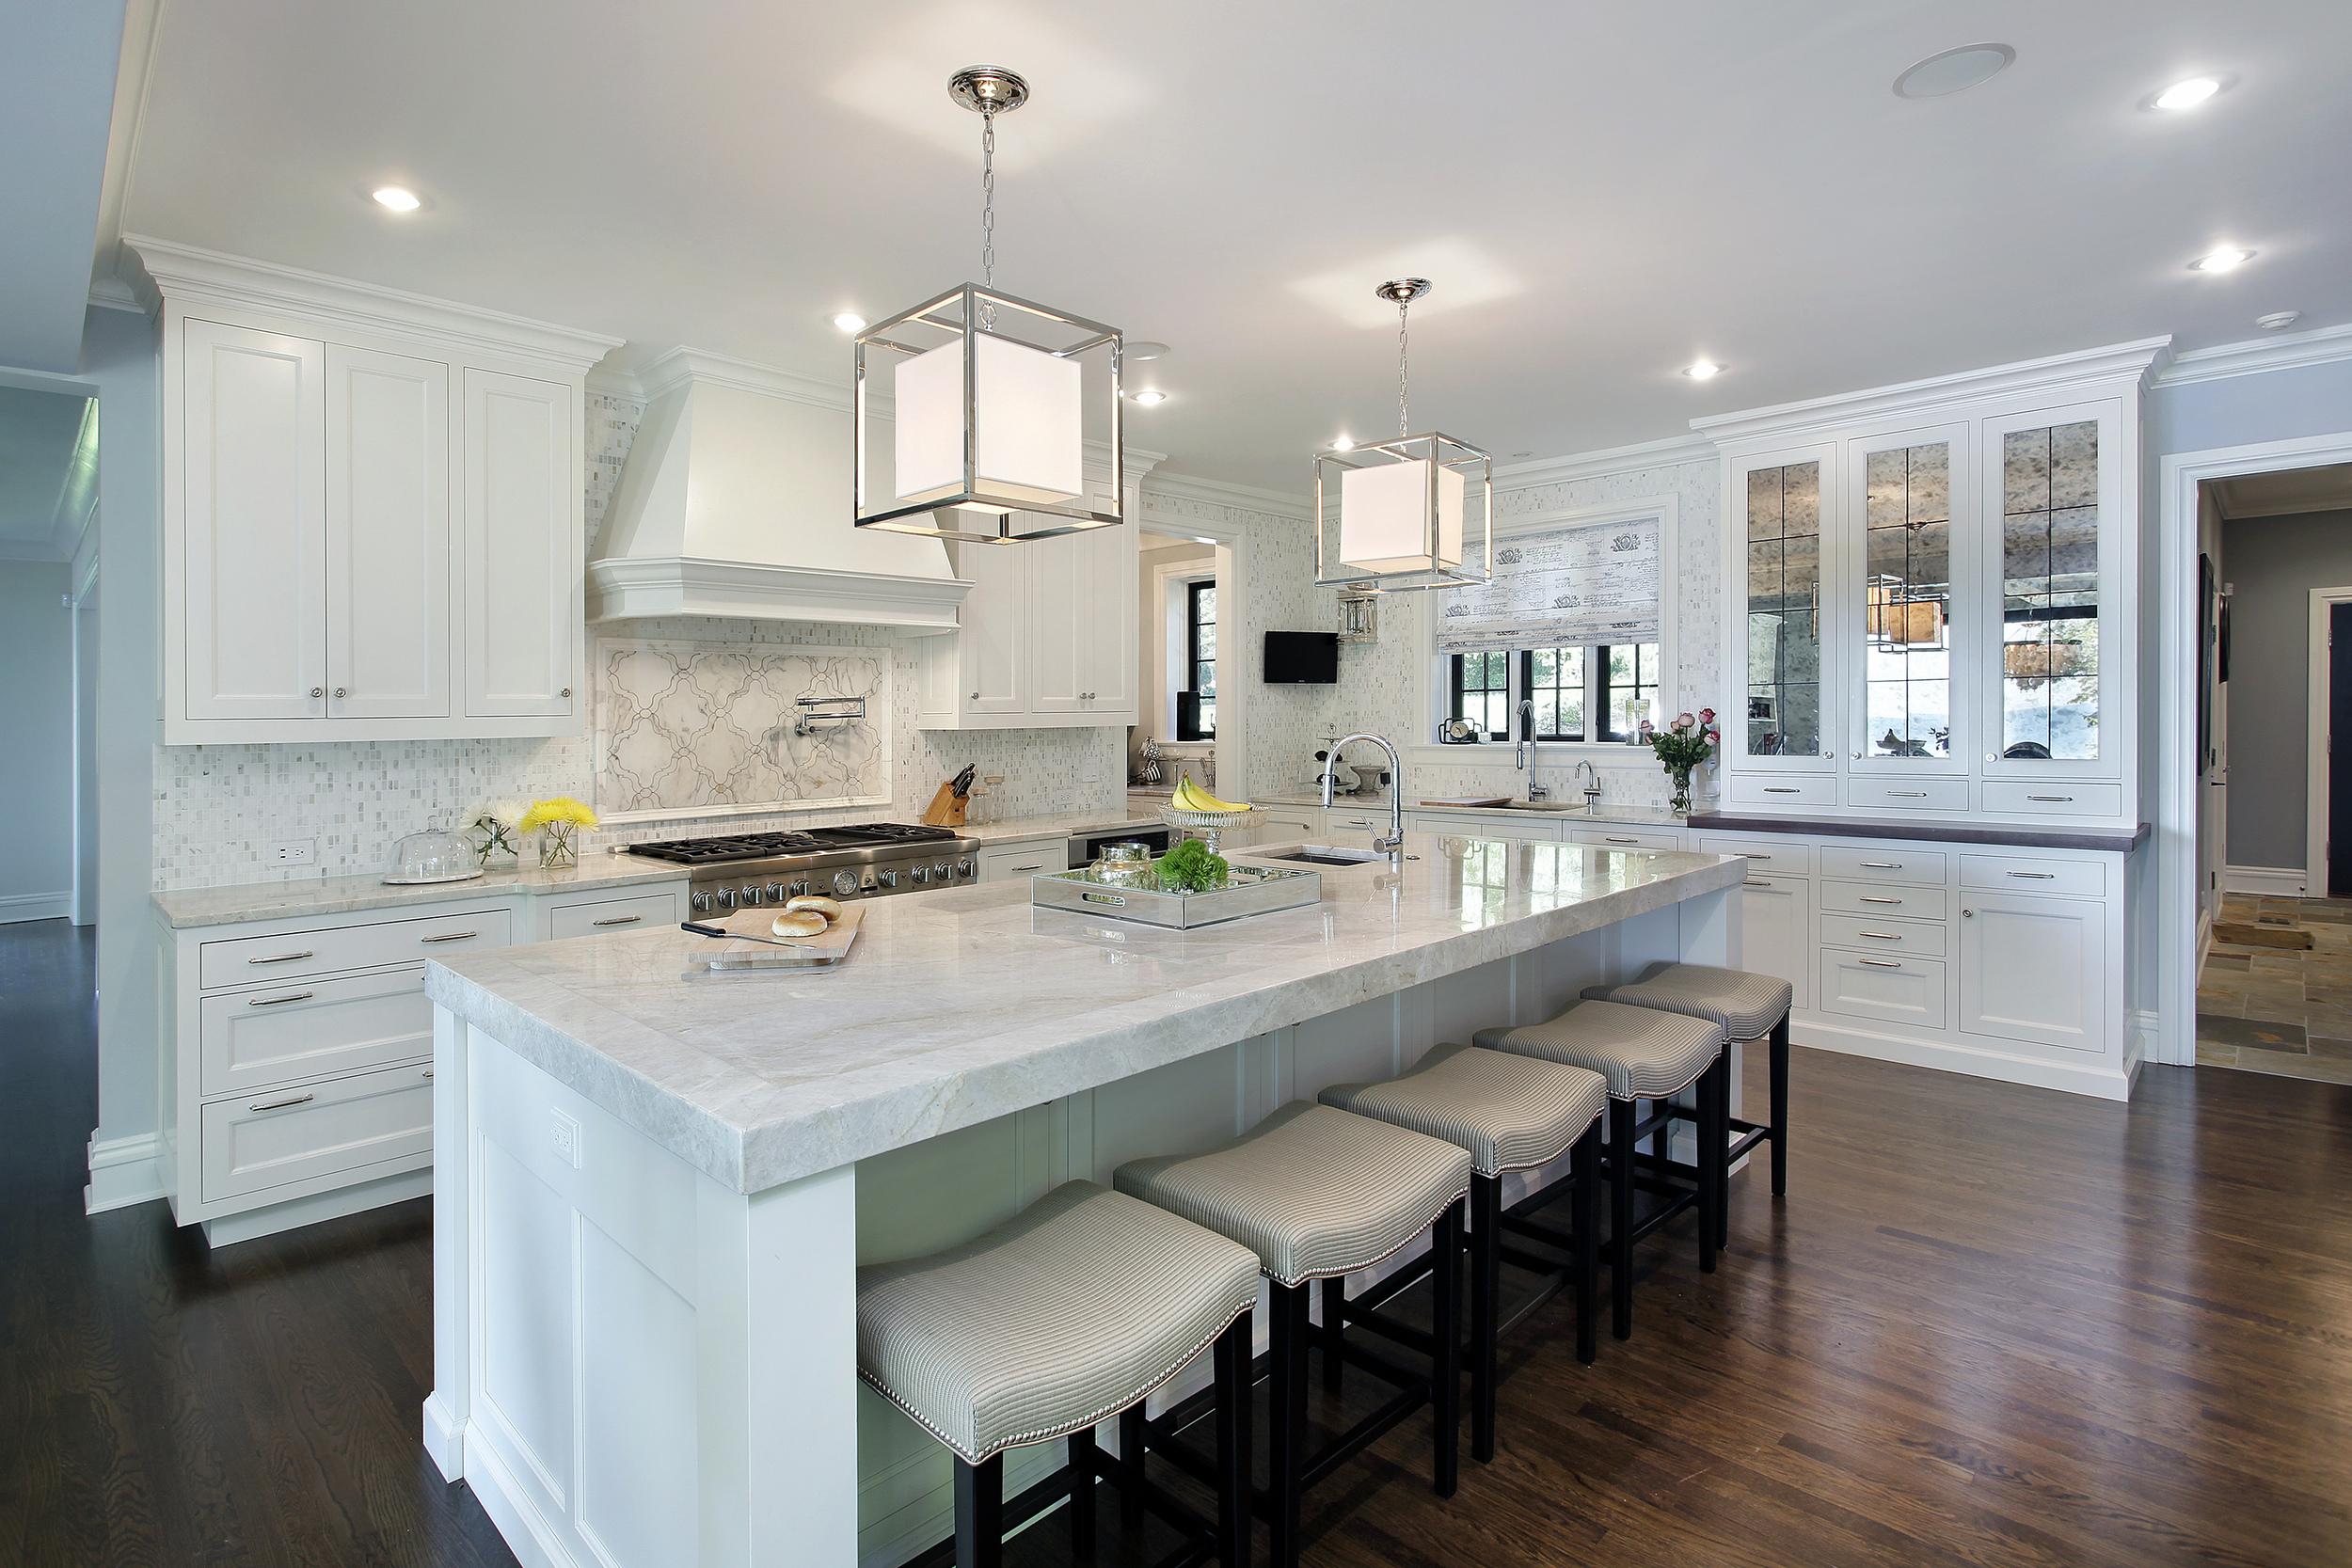 kitchen1_117belle.jpg